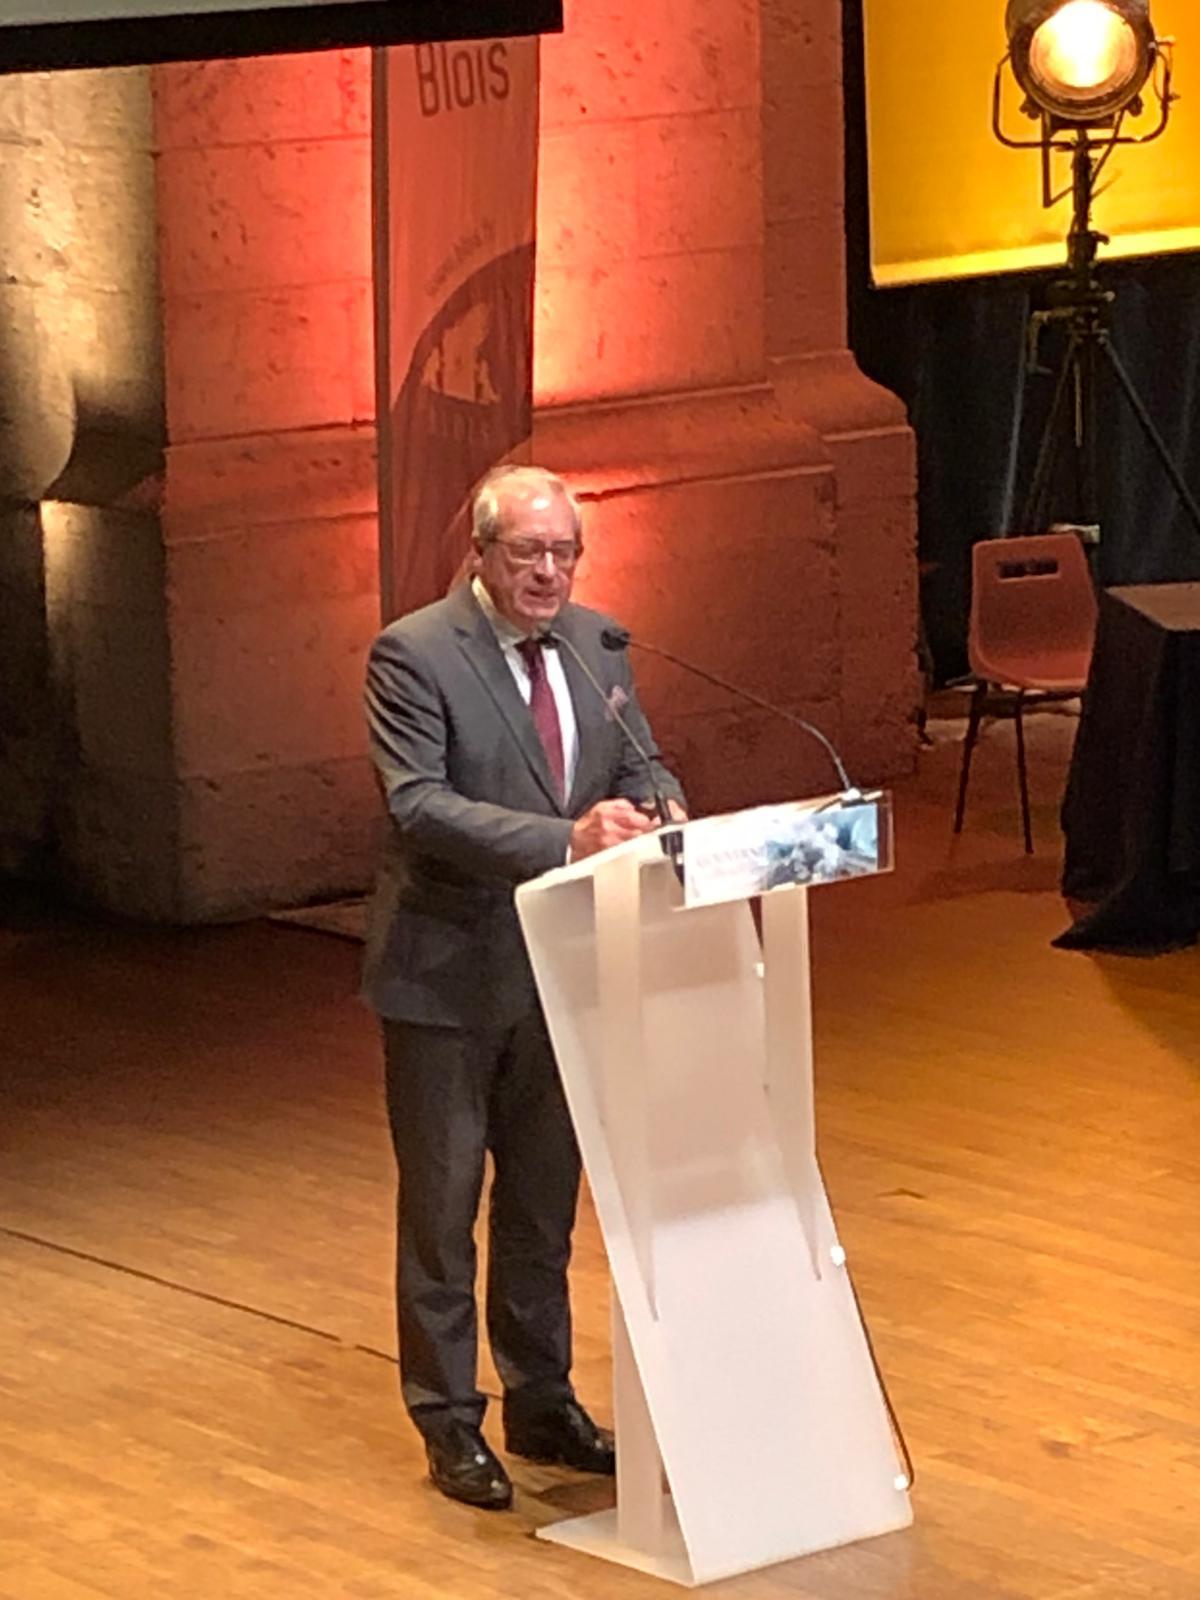 Les Rendez-vous de l'histoire de Blois ont débuté avec une conférence du célèbre anthropologue Pascal Picq invité par la Chambre de commerce et d'Industrie de Blois, comme quoi les sciences entre elles peuvent collaborer et s'enrichir (CR) FVW